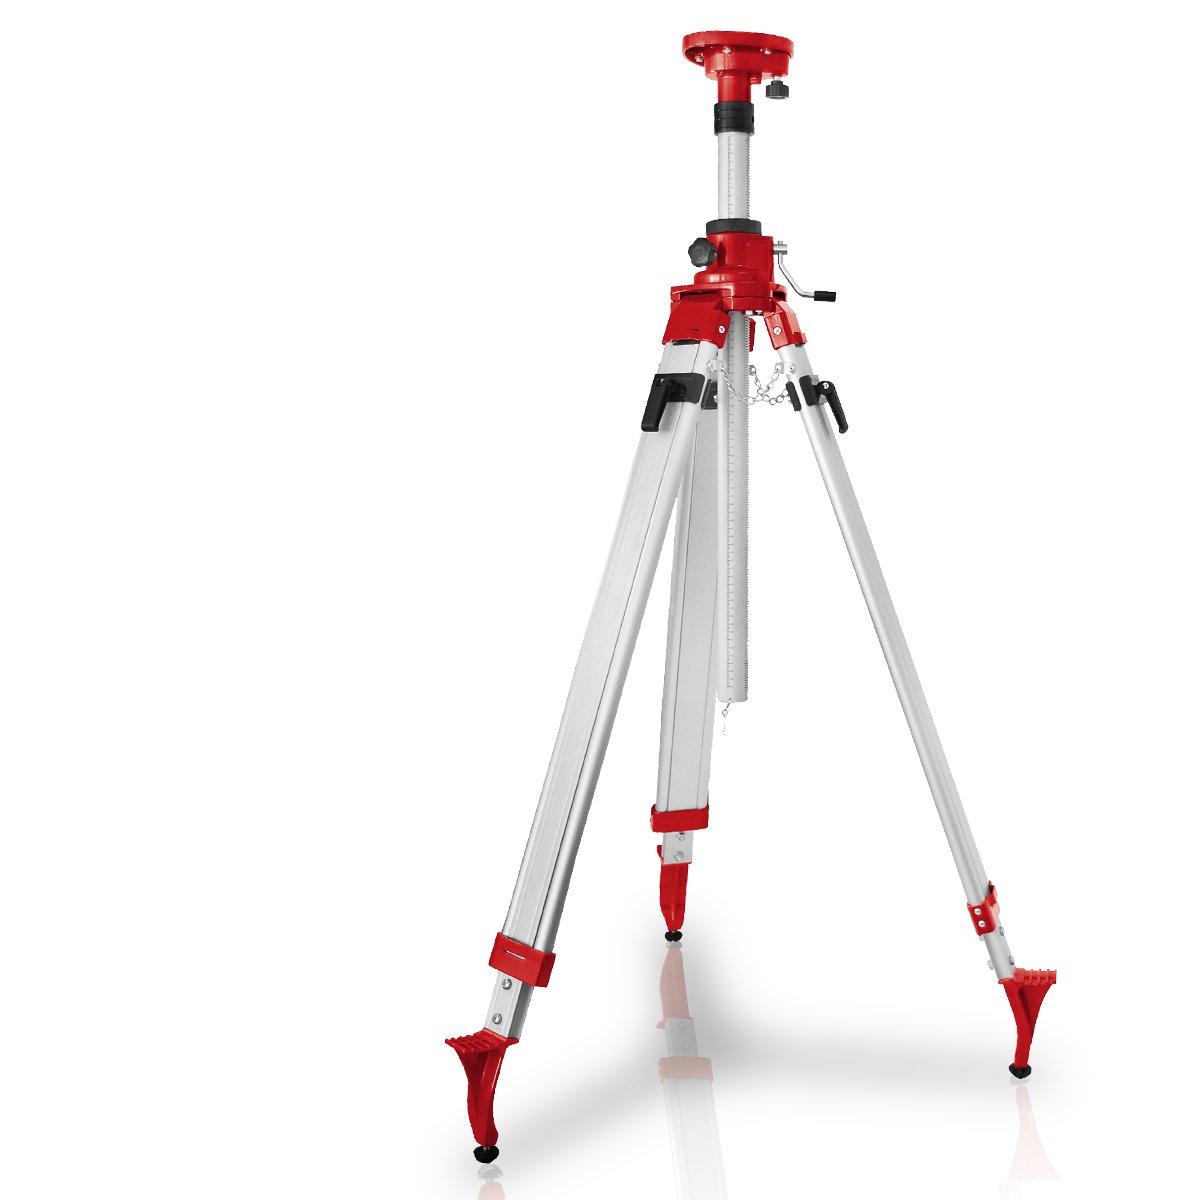 Berlan Kurbelstativ für Laser und Nivelliergeräte 1,20  2,40 m  BaumarktRezension